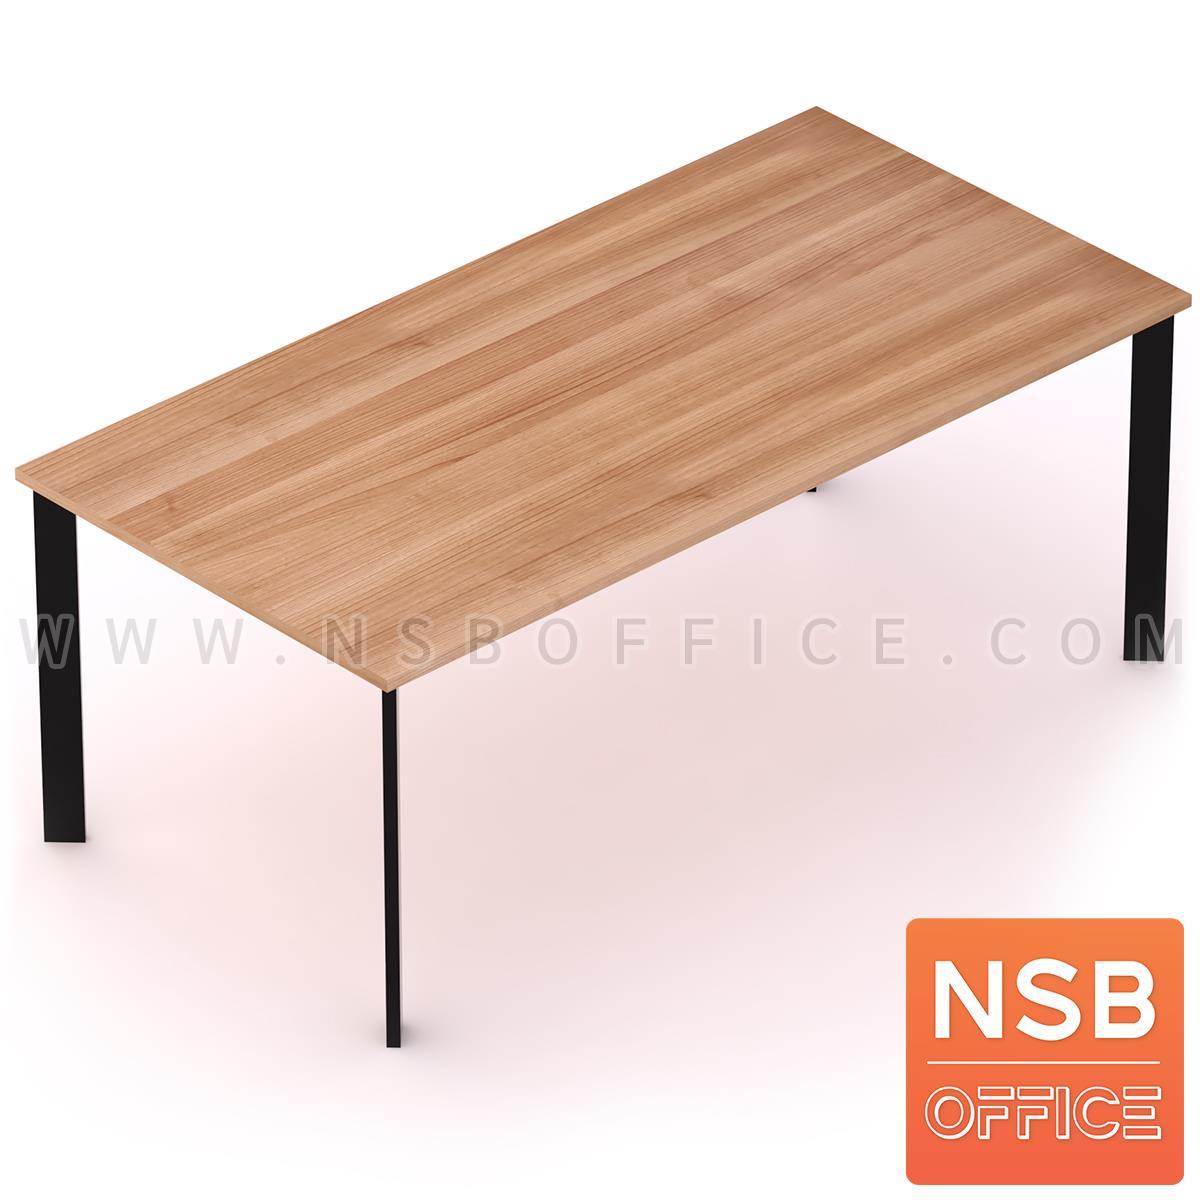 A05A218:โต๊ะประชุม รุ่น Alisha (อลิชา)  ขาเหล็กทะแยงมุม พิเศษขนาด 3 × 1 นิ้ว